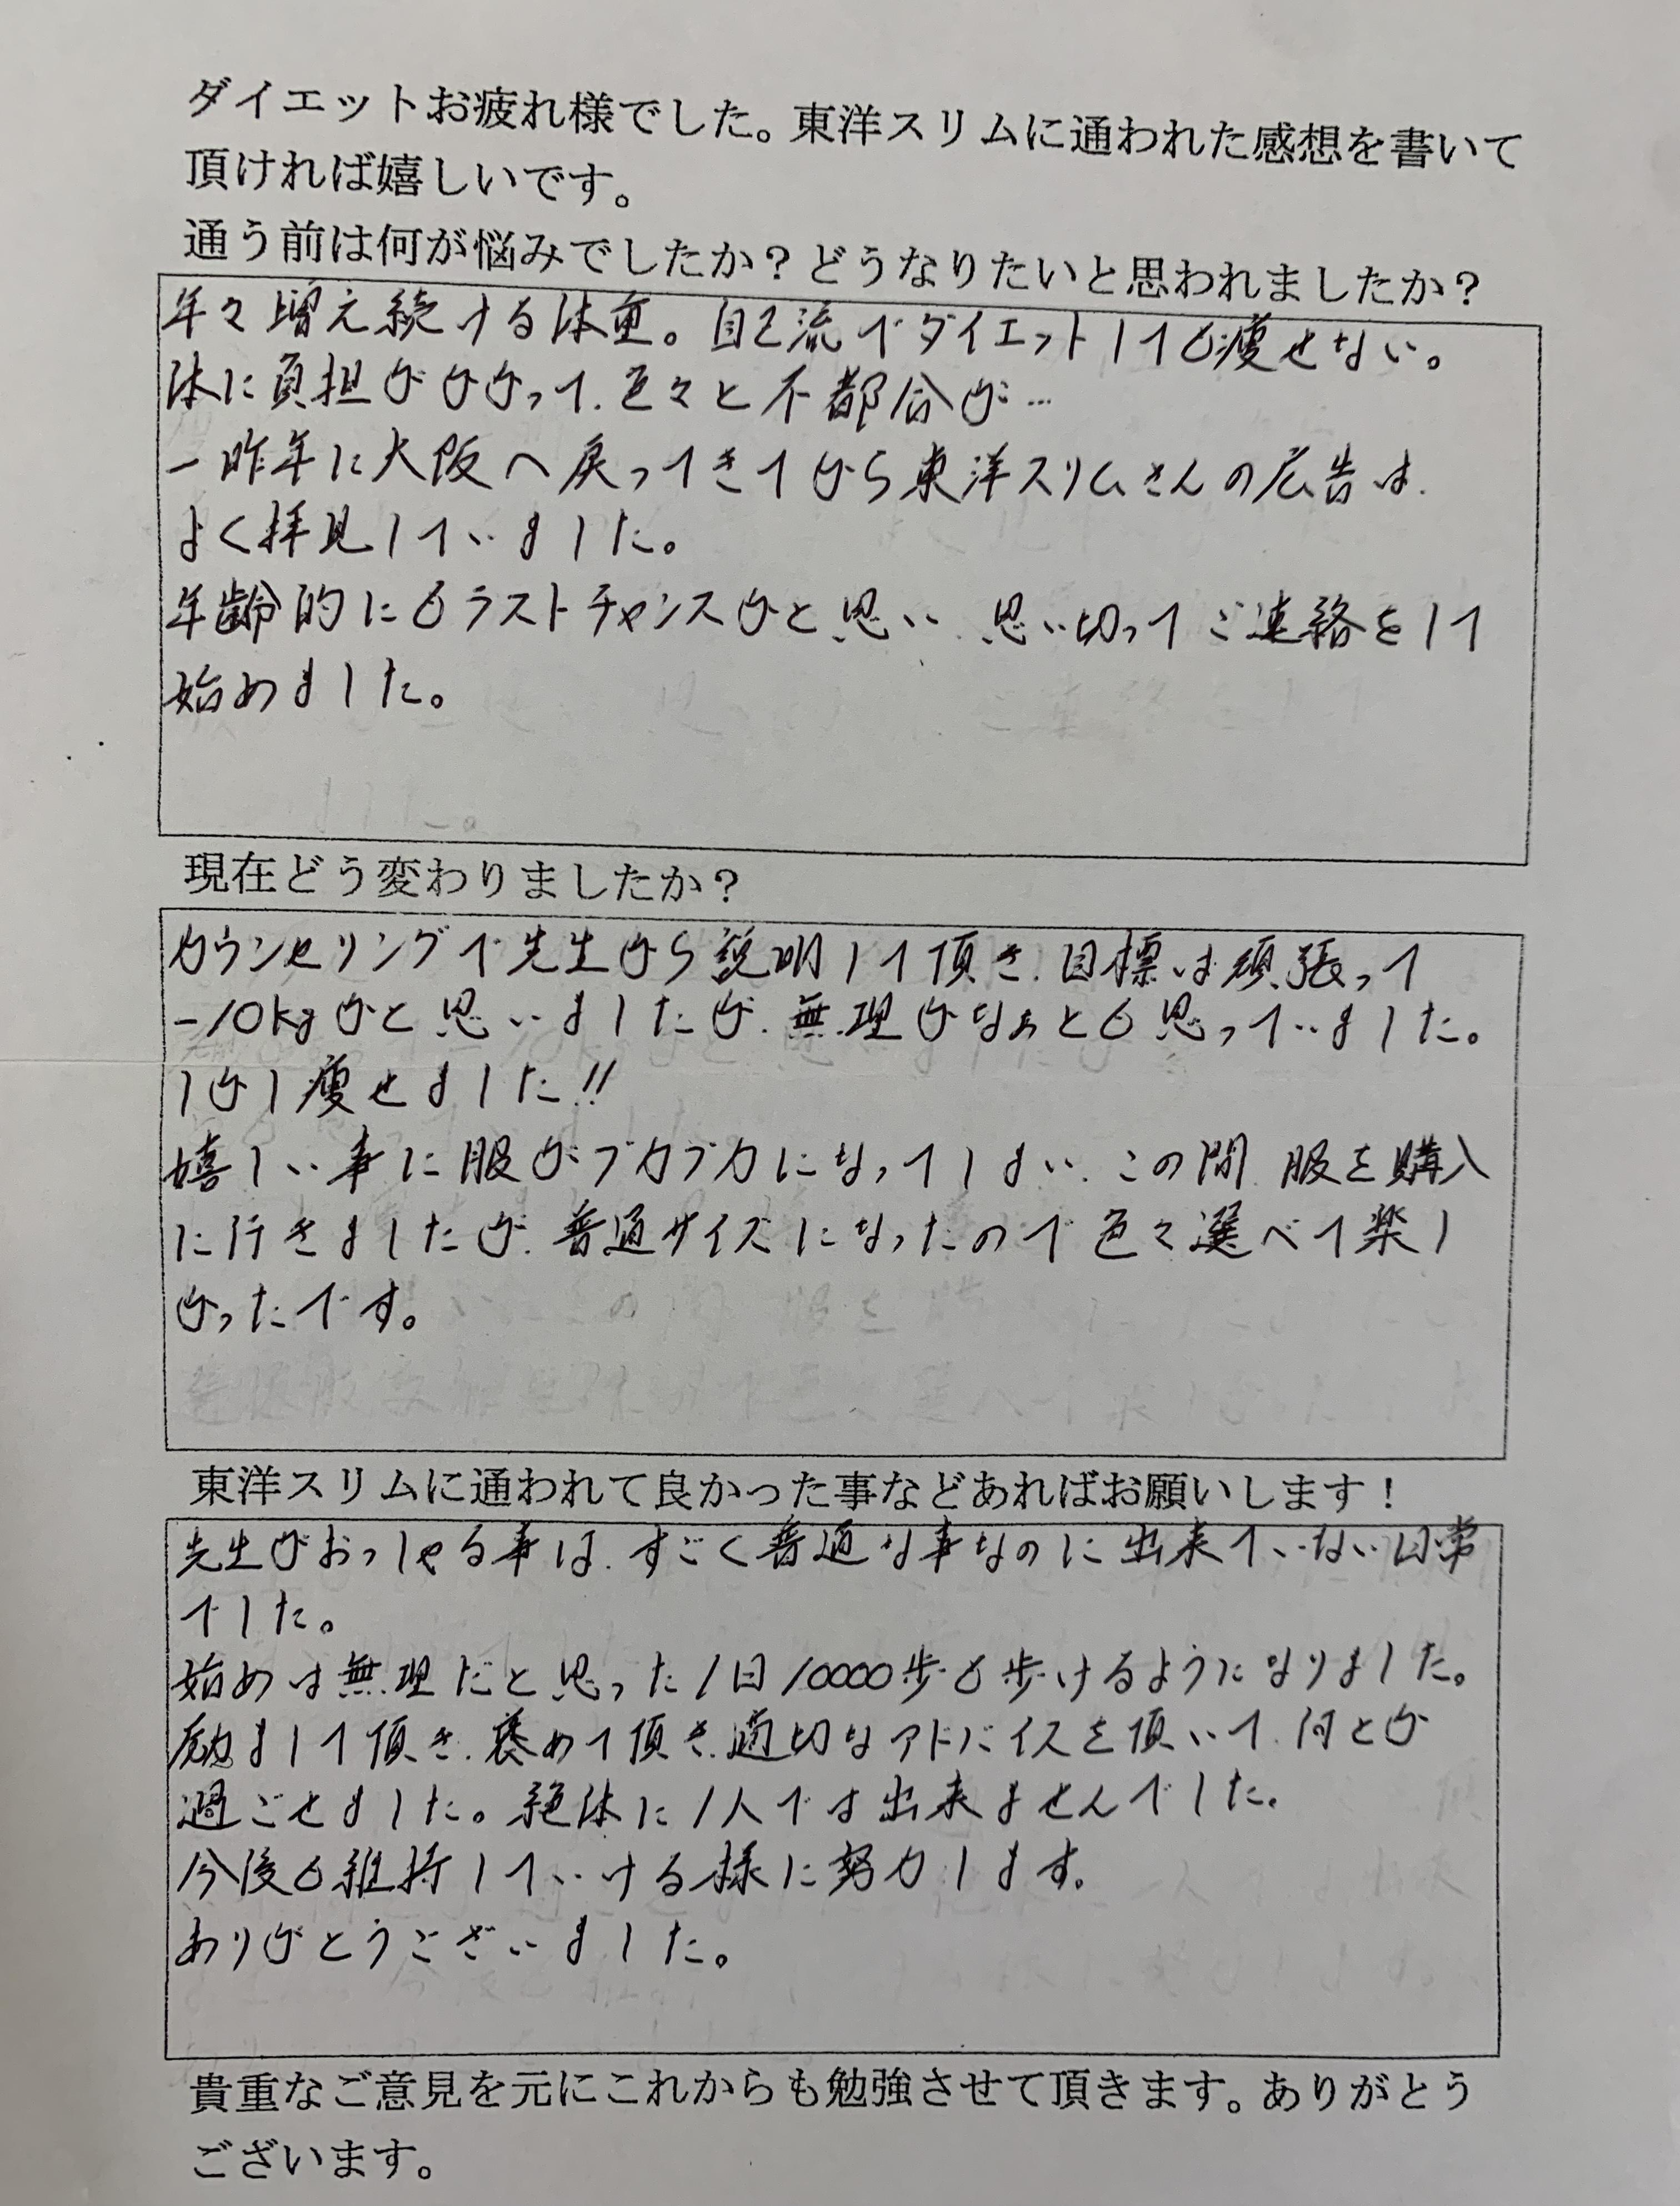 [皆様の声]耳つぼダイエット 大阪市阿倍野区Hさん(50代)絶対に一人では出来ませんでした。※結果には個人差があります。